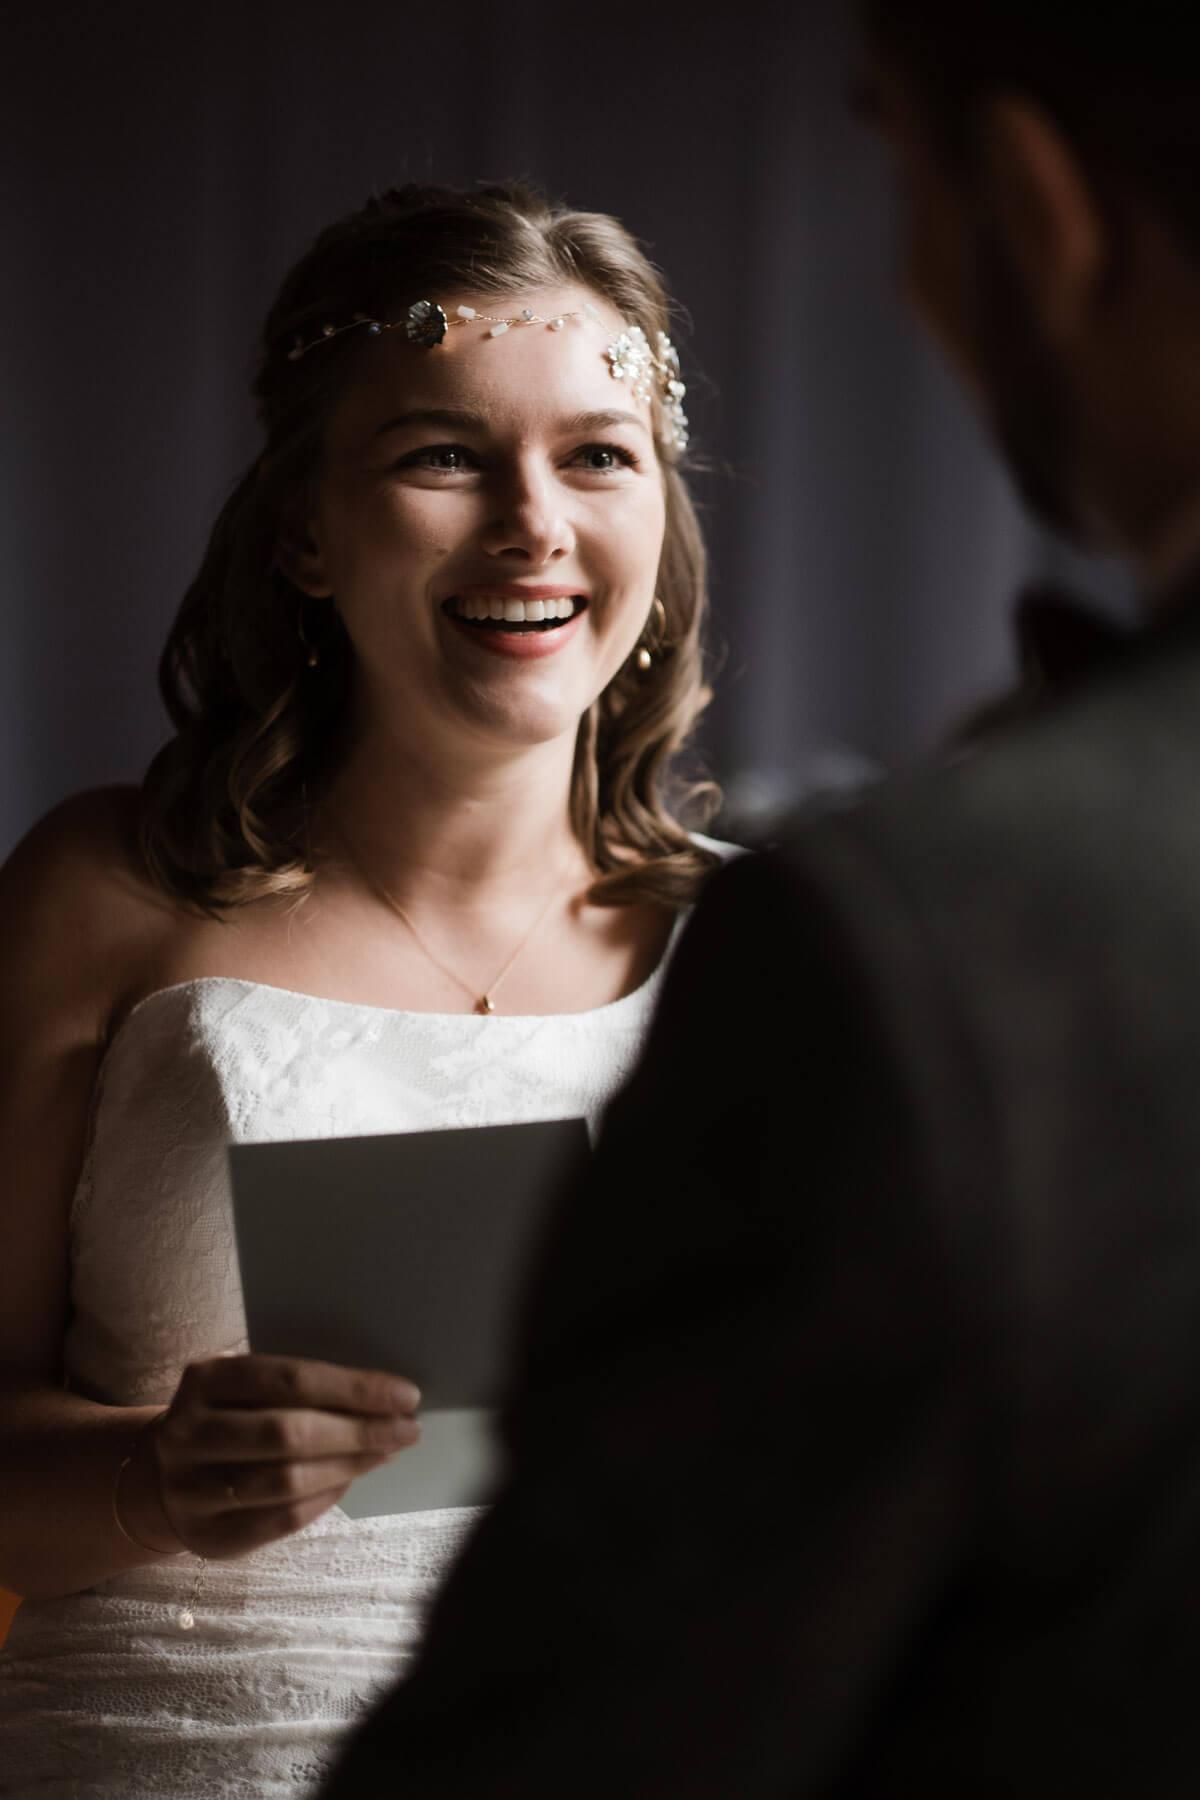 das Brautpar steht sich gegenüber in einem Trauzimmer in einem Landhaus, die Braut hält einen Zettel in der Hand und lacht